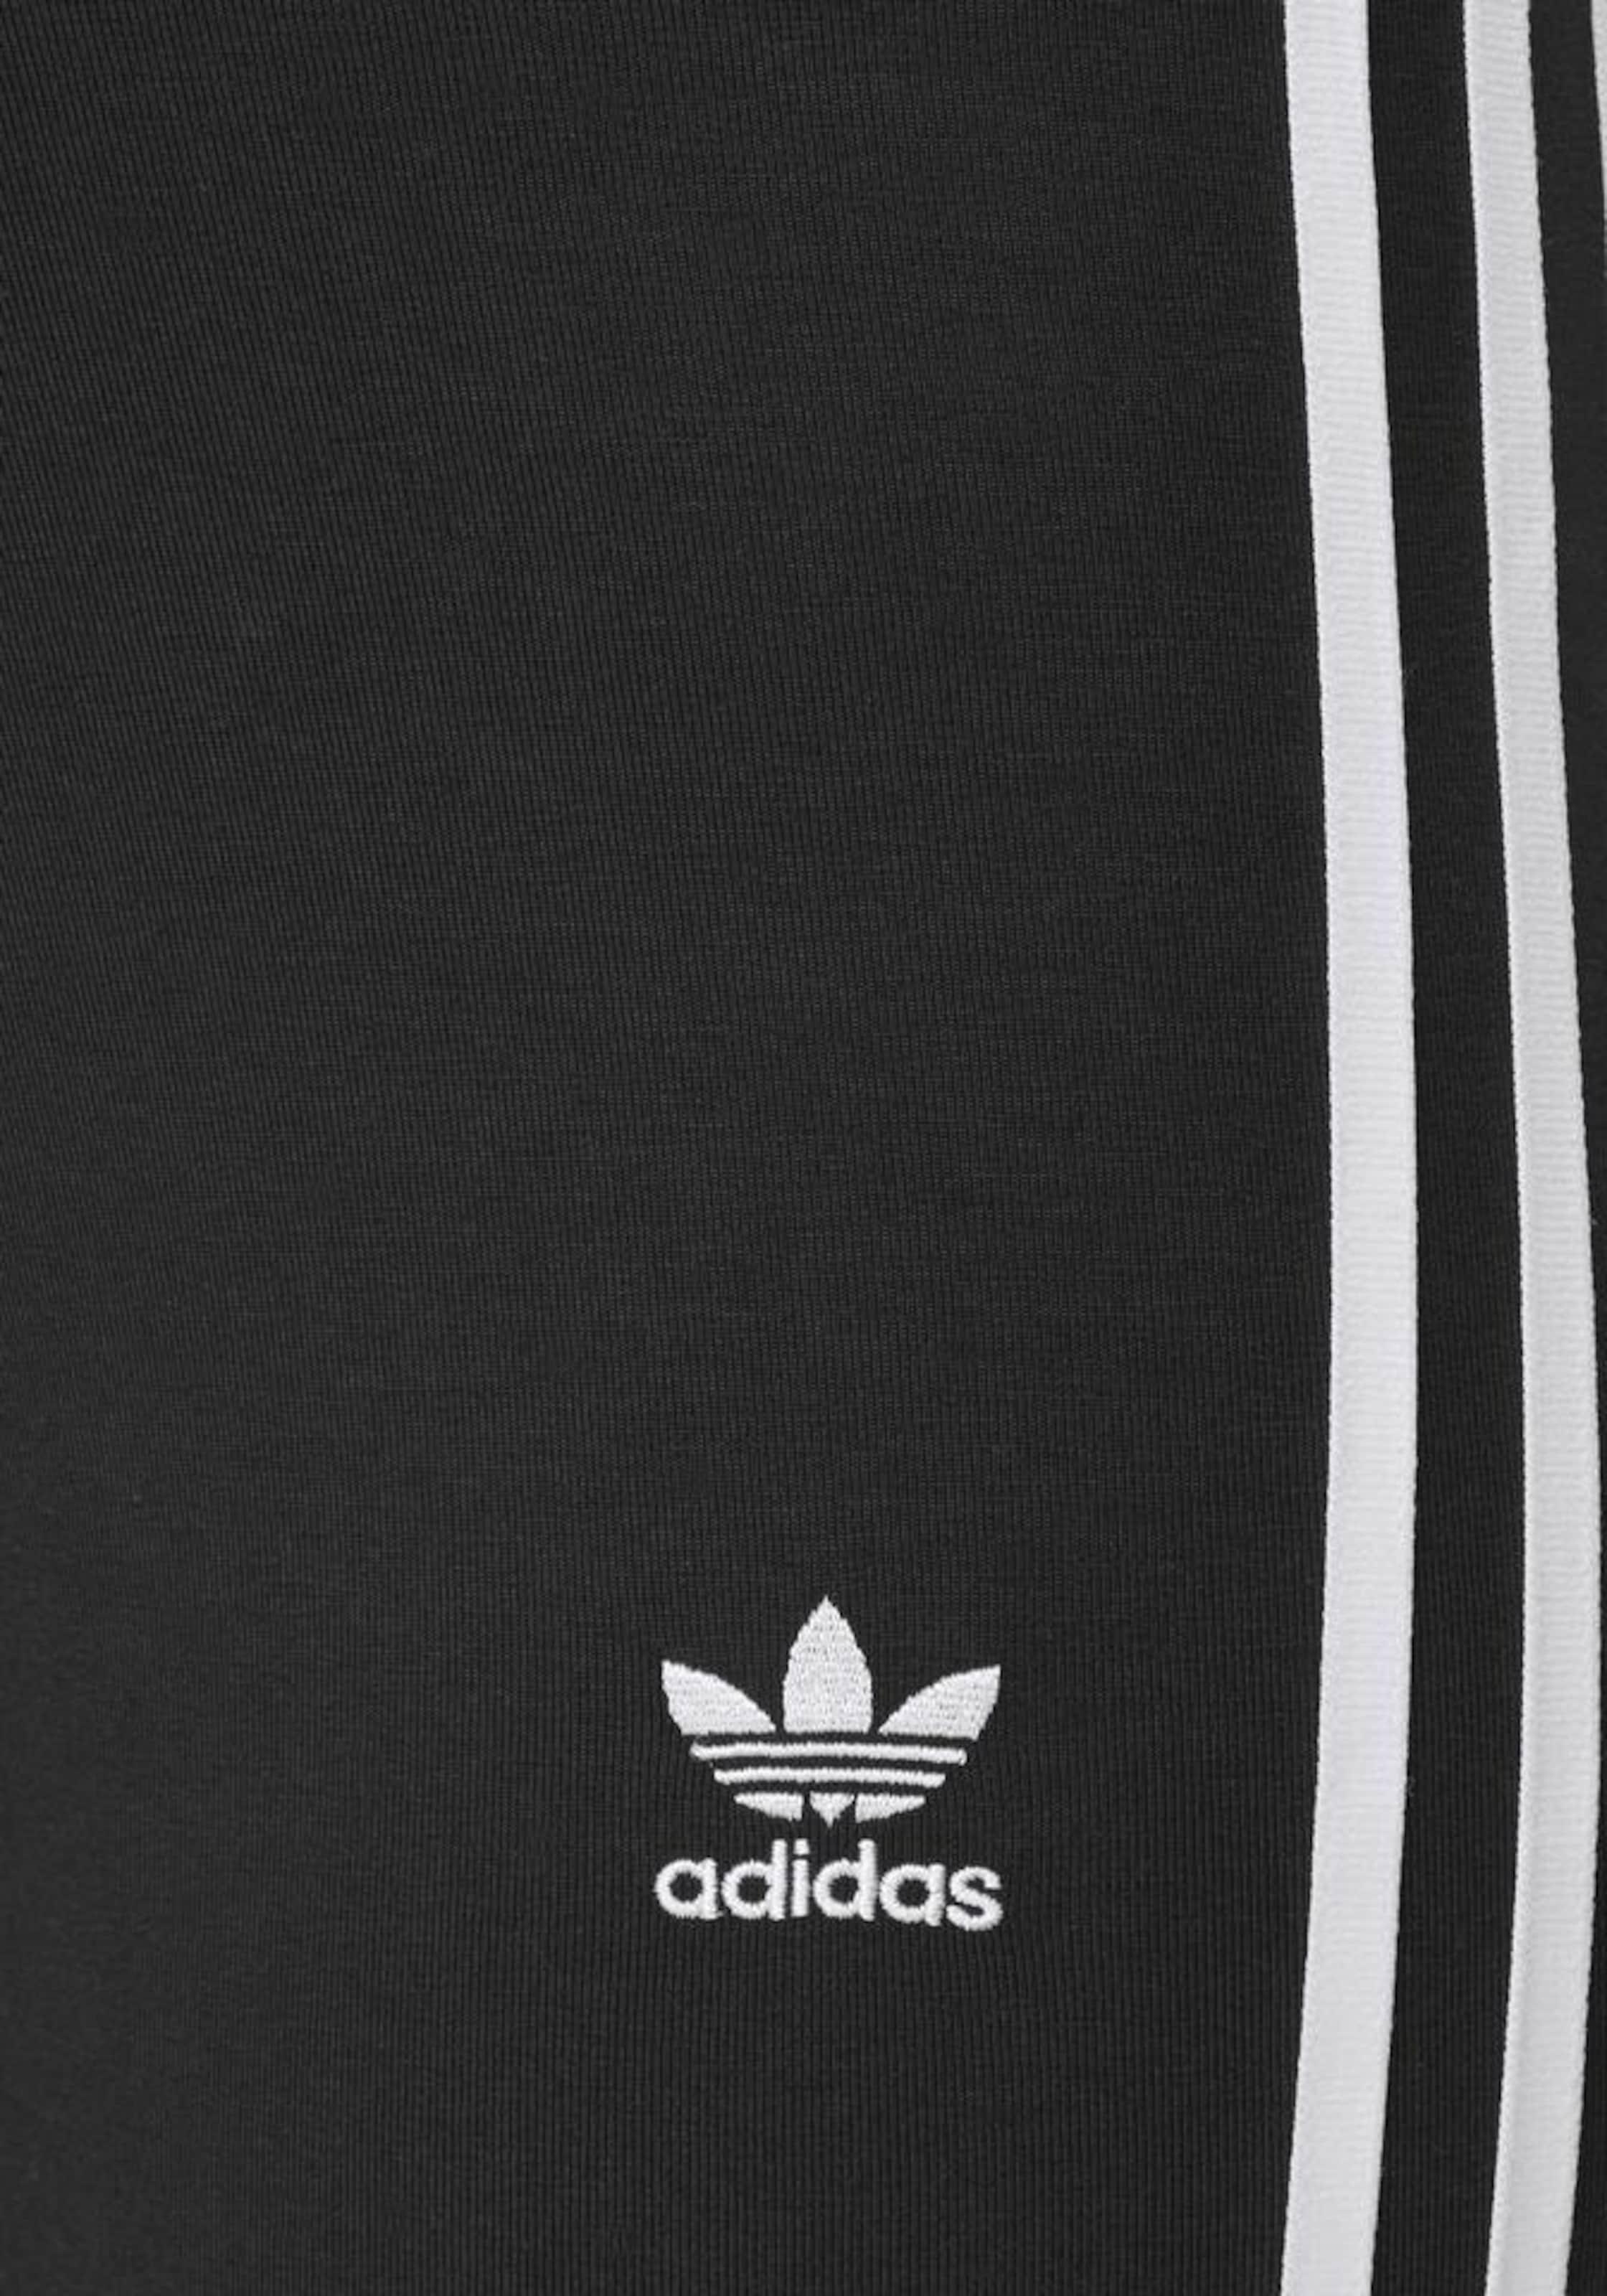 Originals SchwarzWeiß In In Adidas Adidas SchwarzWeiß In Leggings Originals Originals Leggings Adidas Leggings gv7Yb6yf